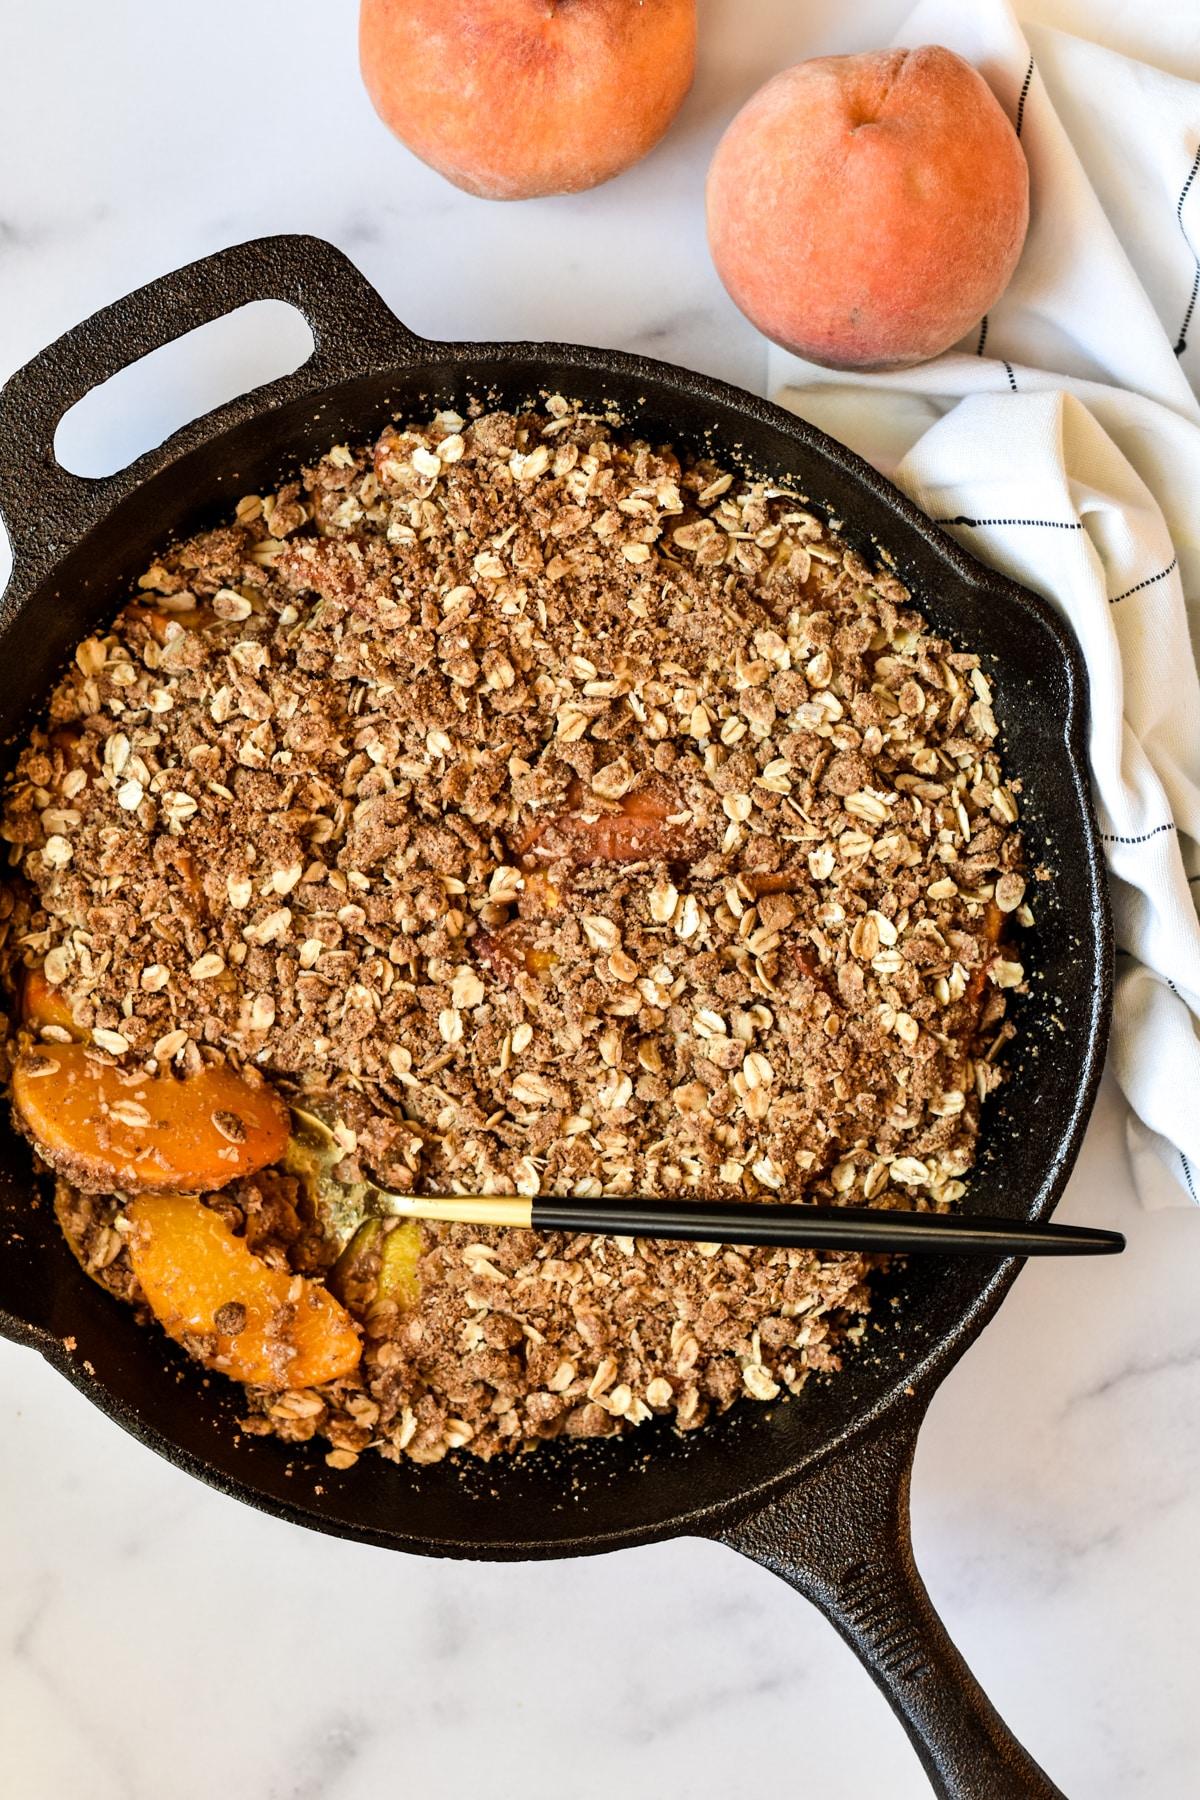 gluten-free peach crisp in a cast iron skillet